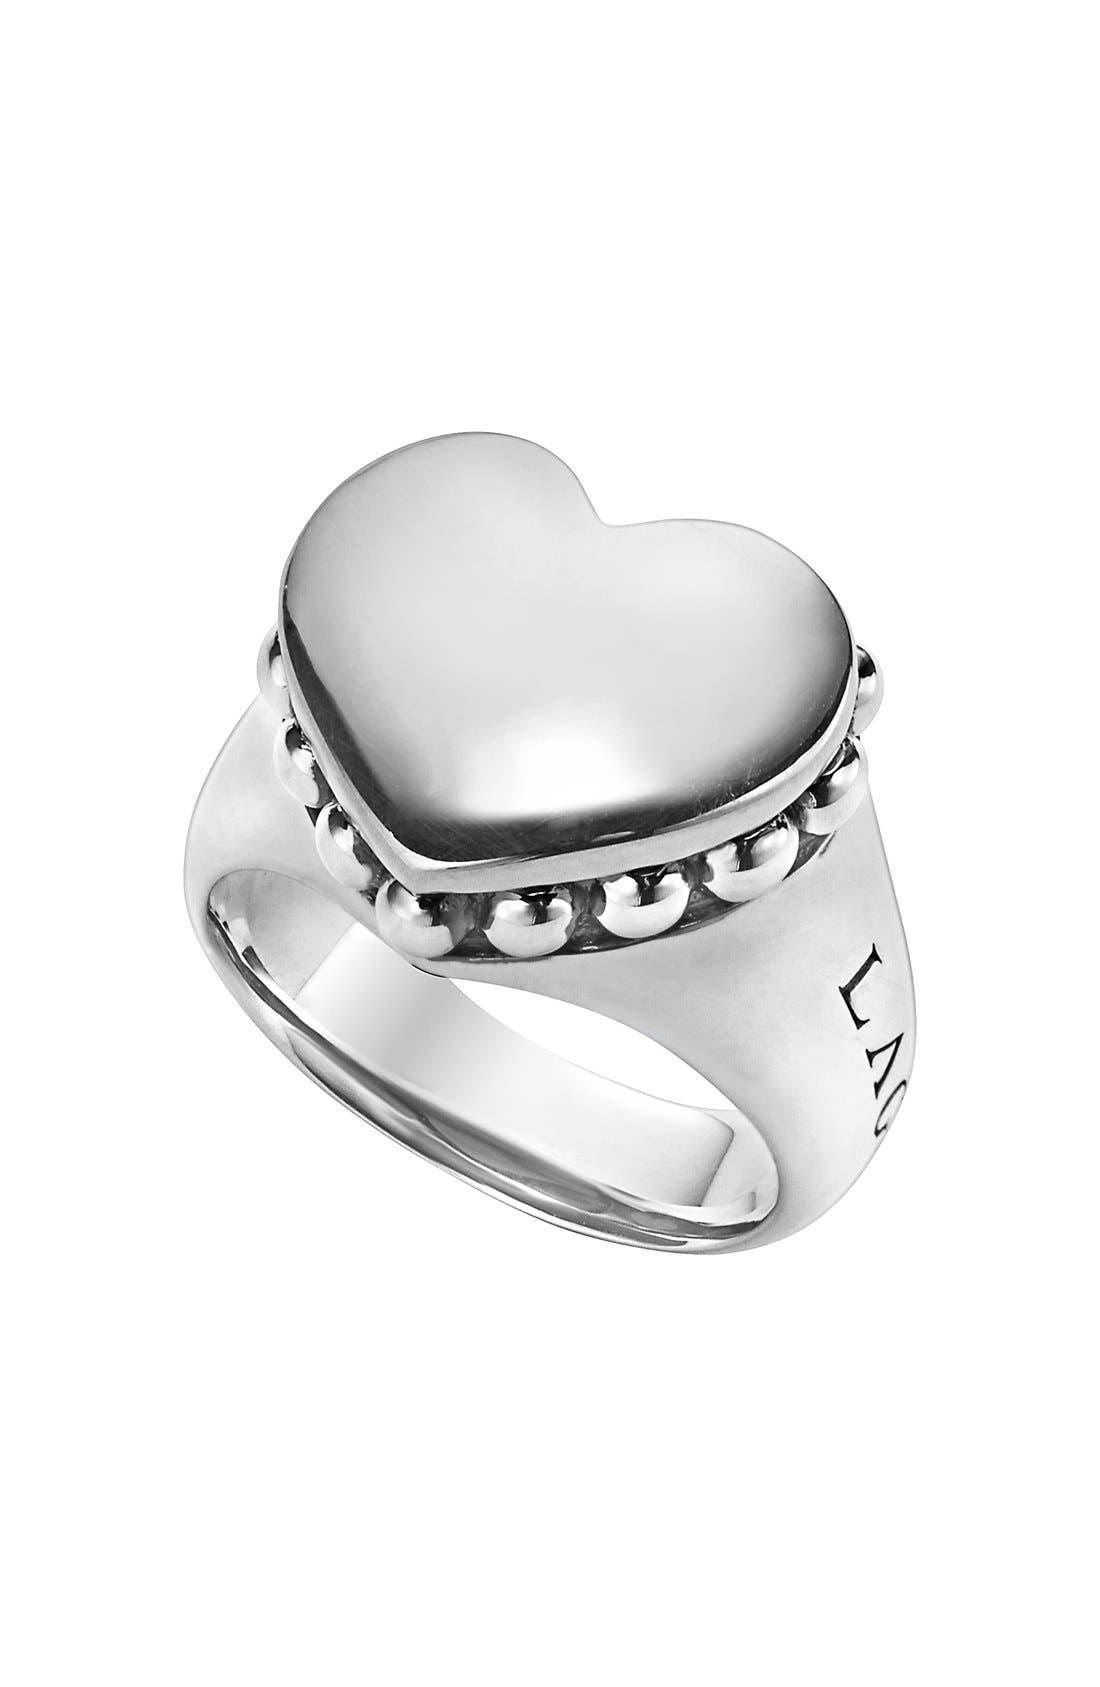 LAGOS 'Beloved' Large Heart Ring